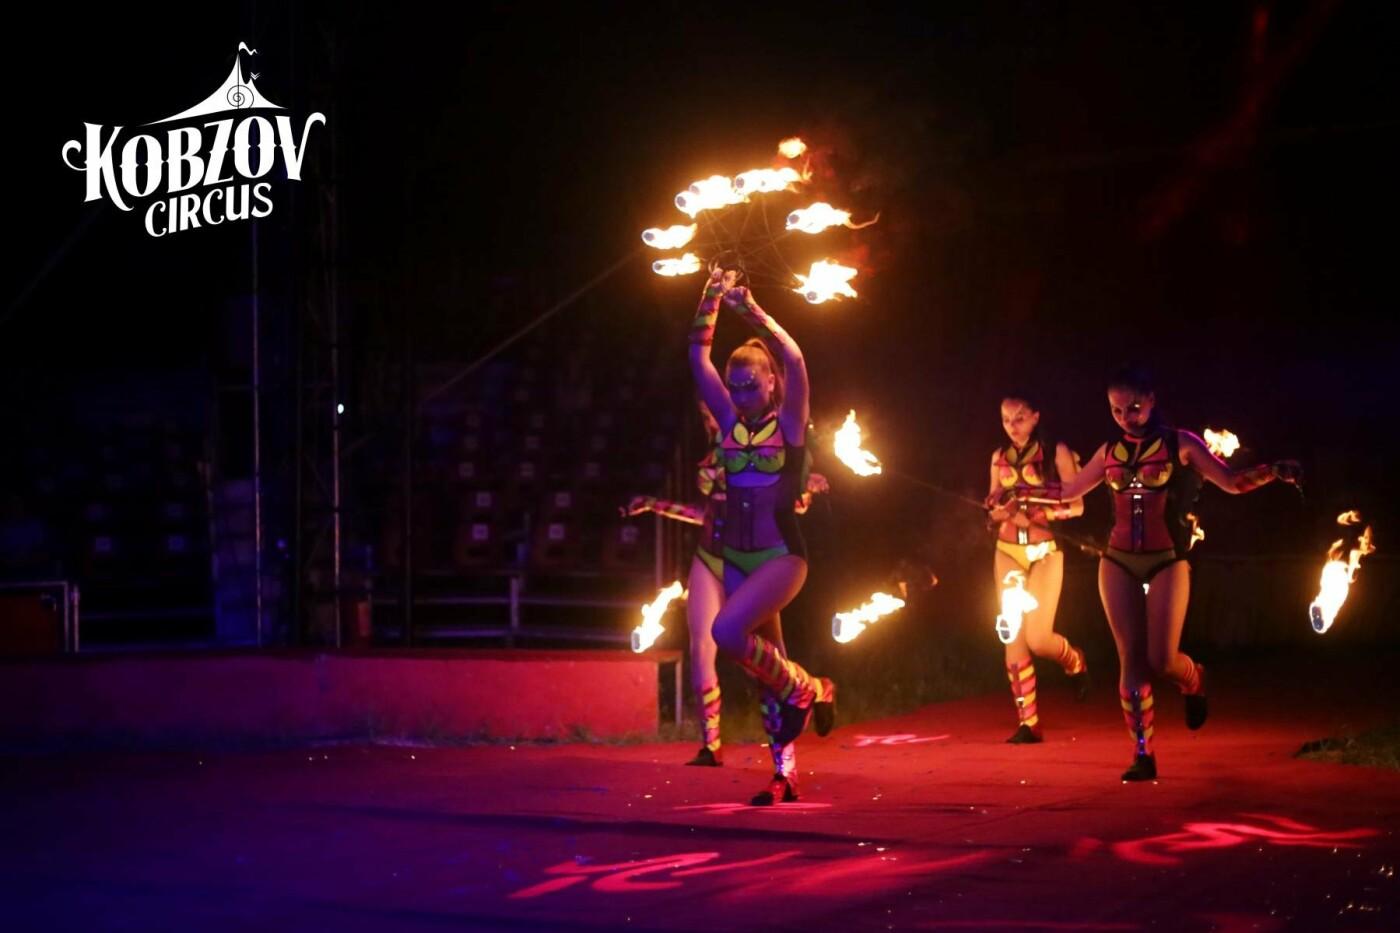 Найбільший цирк України – цирк «Кобзов», готовий дивувати, надихати і приносити радість, фото-2